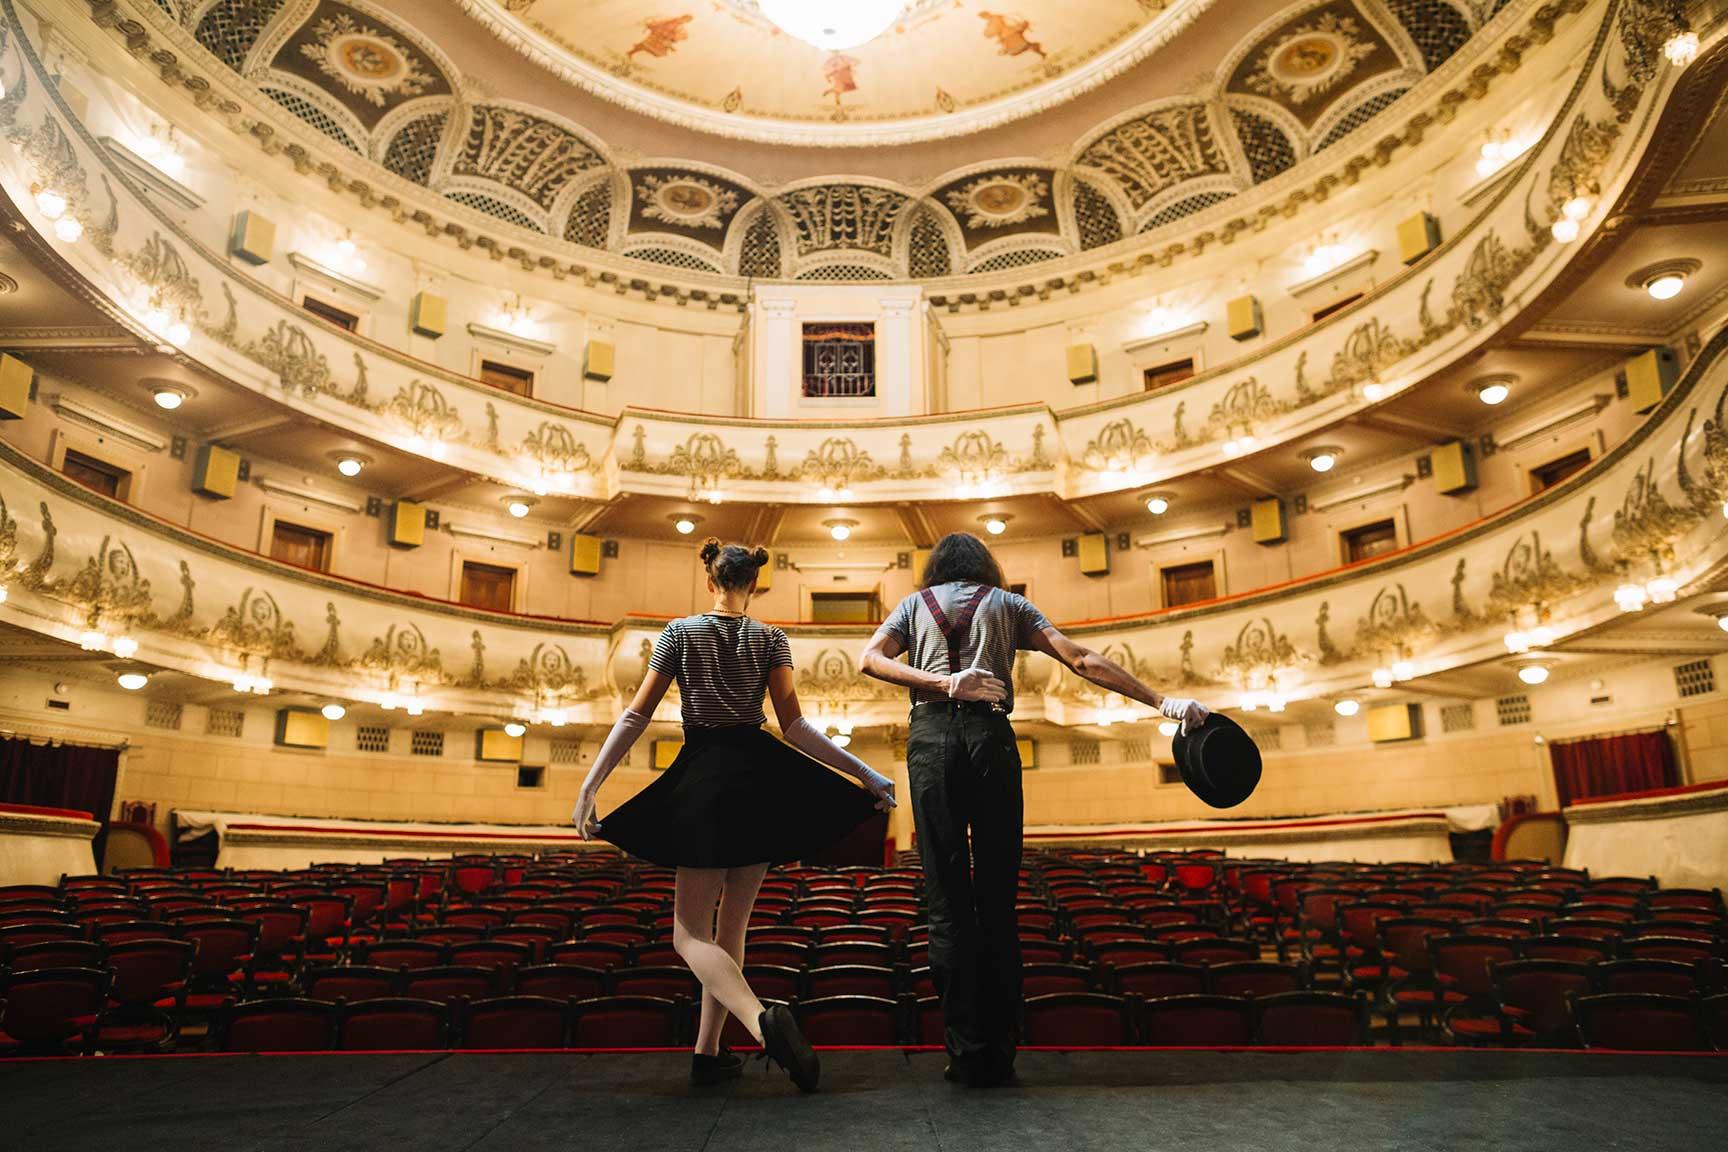 La Comunidad de Madrid presenta un plan de estímulo para las artes escénicas y la música ante el coronavirus